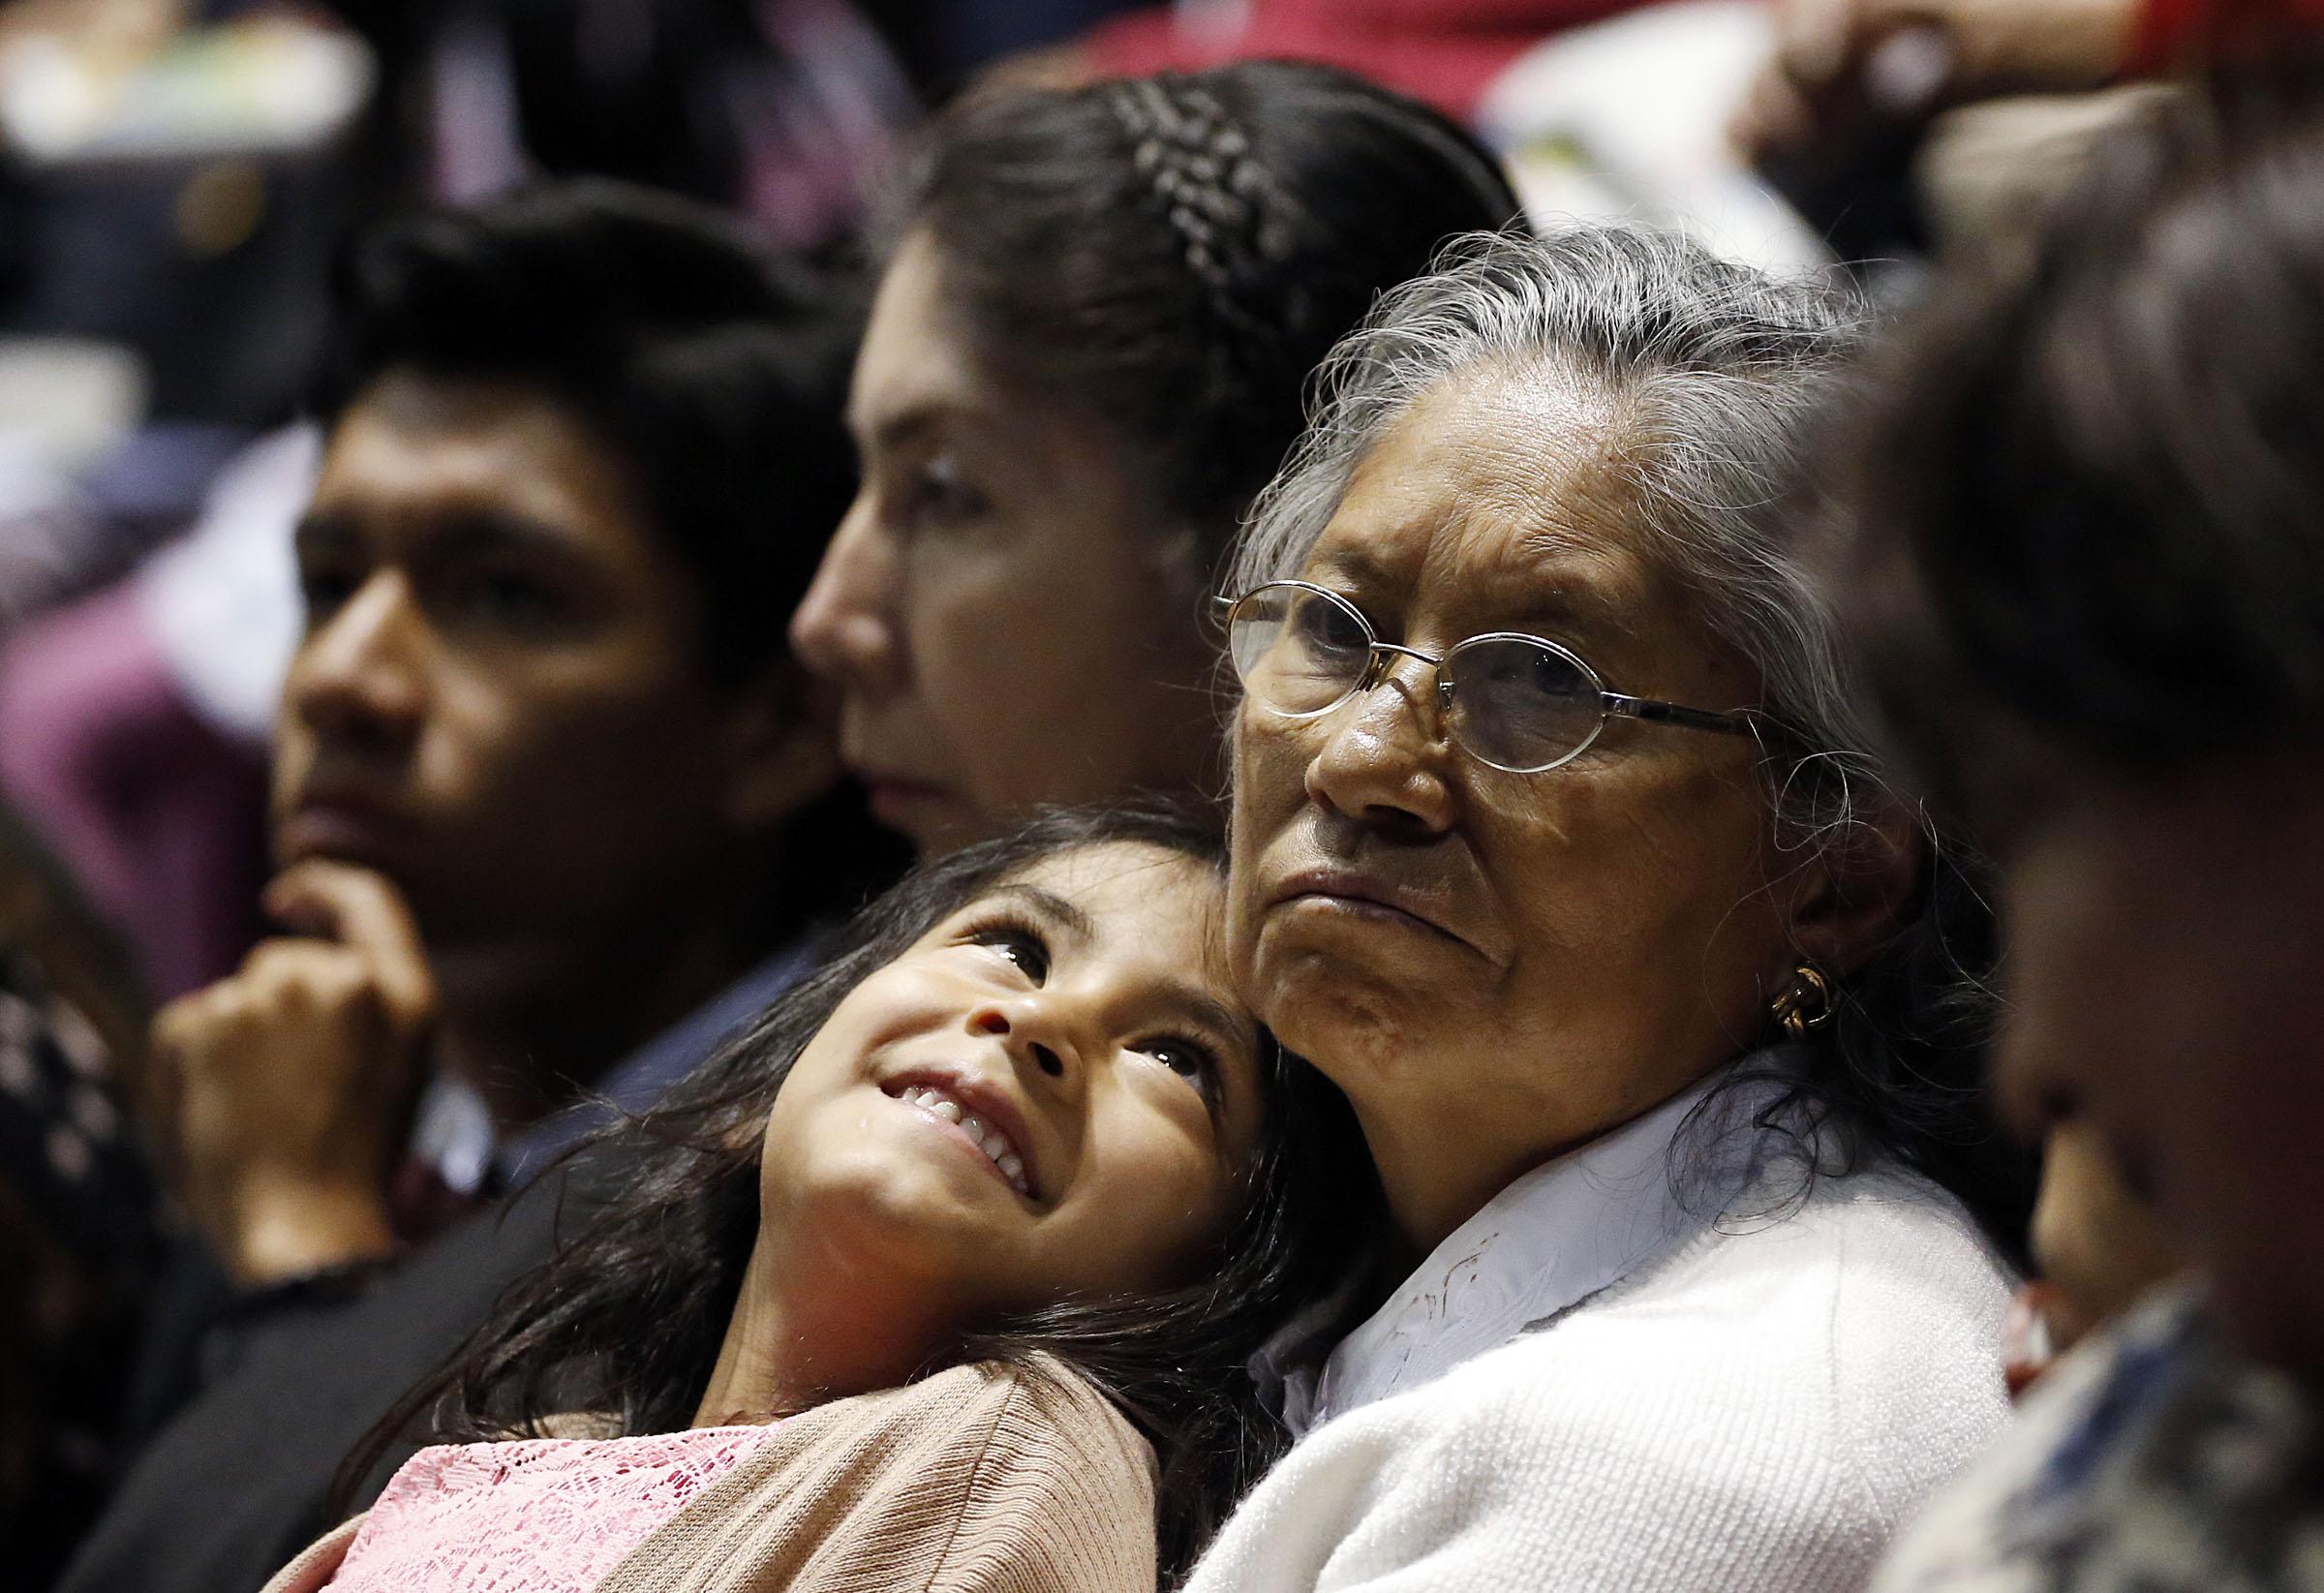 Emma Guaman sostiene a su nieta, Ariana Rodriquez, durante un devocional de la gira ministerial latinoamericana en Quito, Ecuador, el lunes 26 de agosto de 2019.